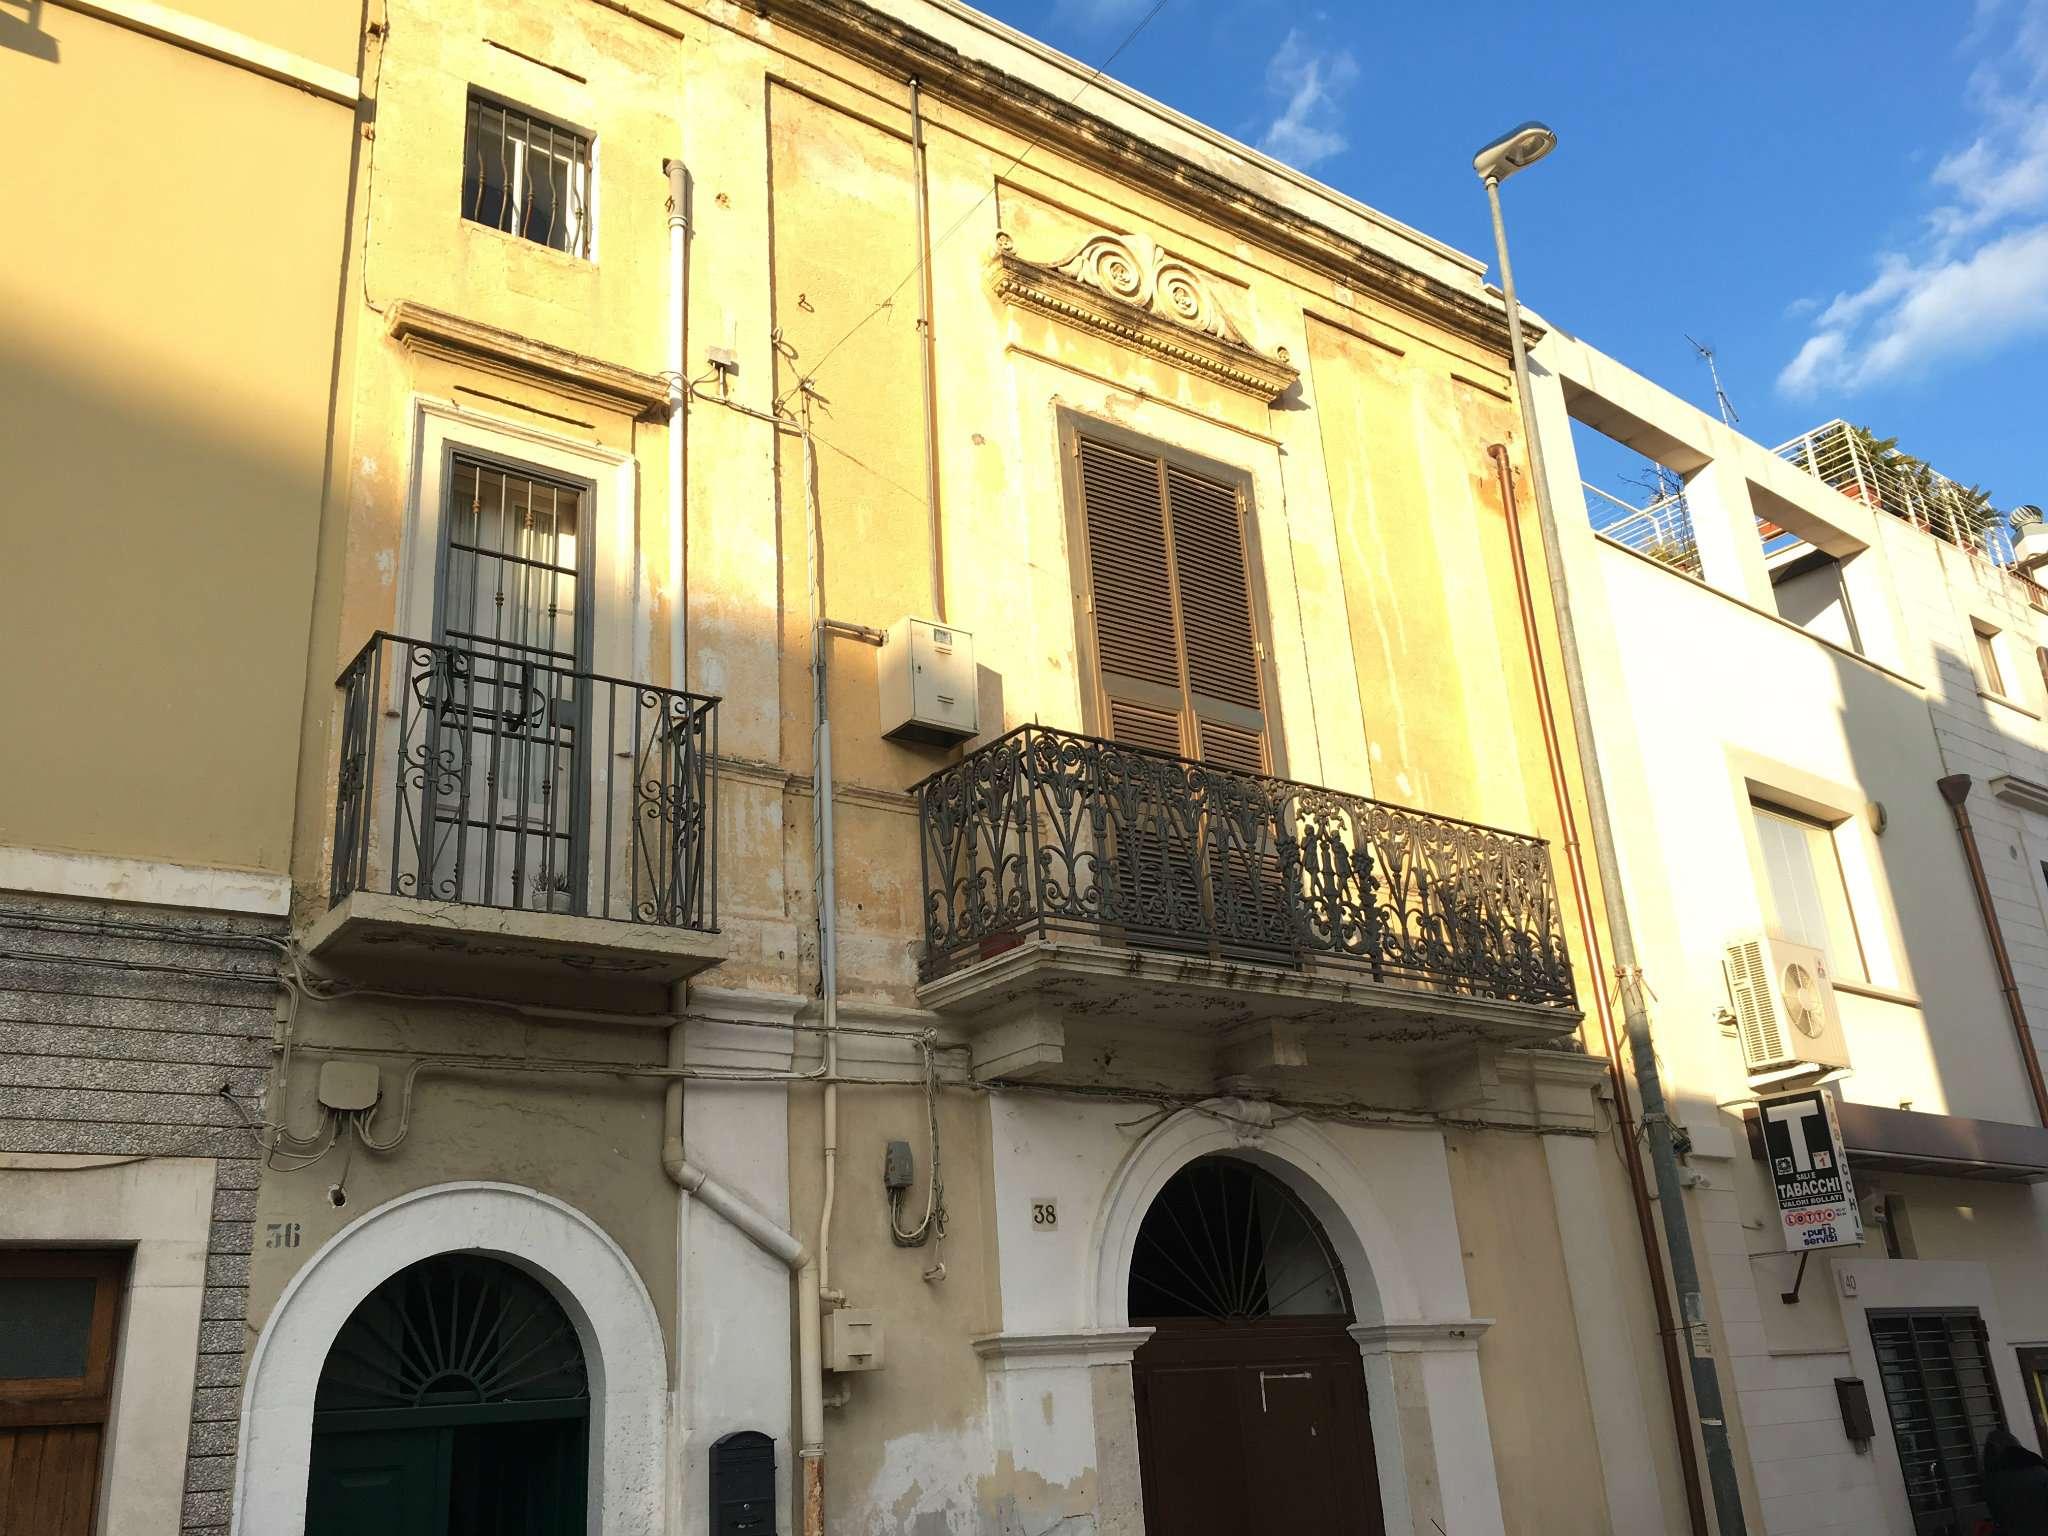 Soluzione Indipendente in vendita a Modugno, 4 locali, prezzo € 175.000 | CambioCasa.it